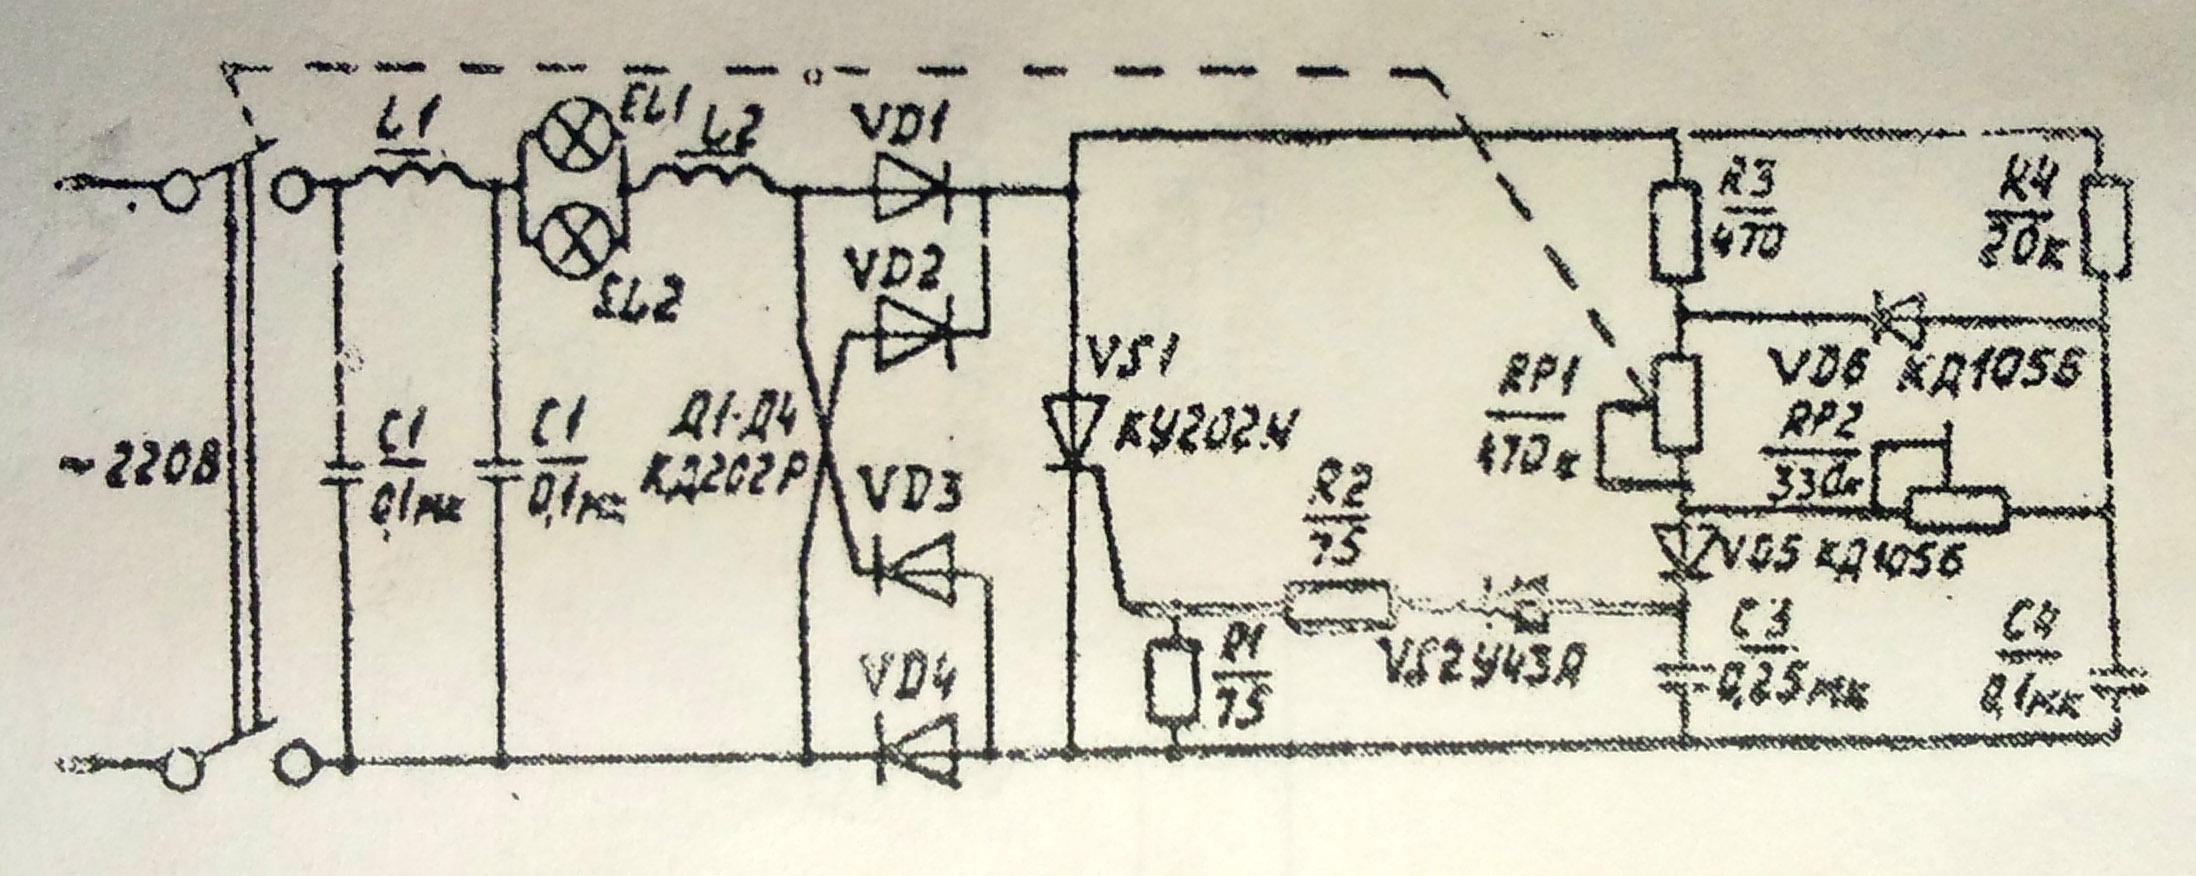 Регулятор мощности. Схема и описание регуляторов